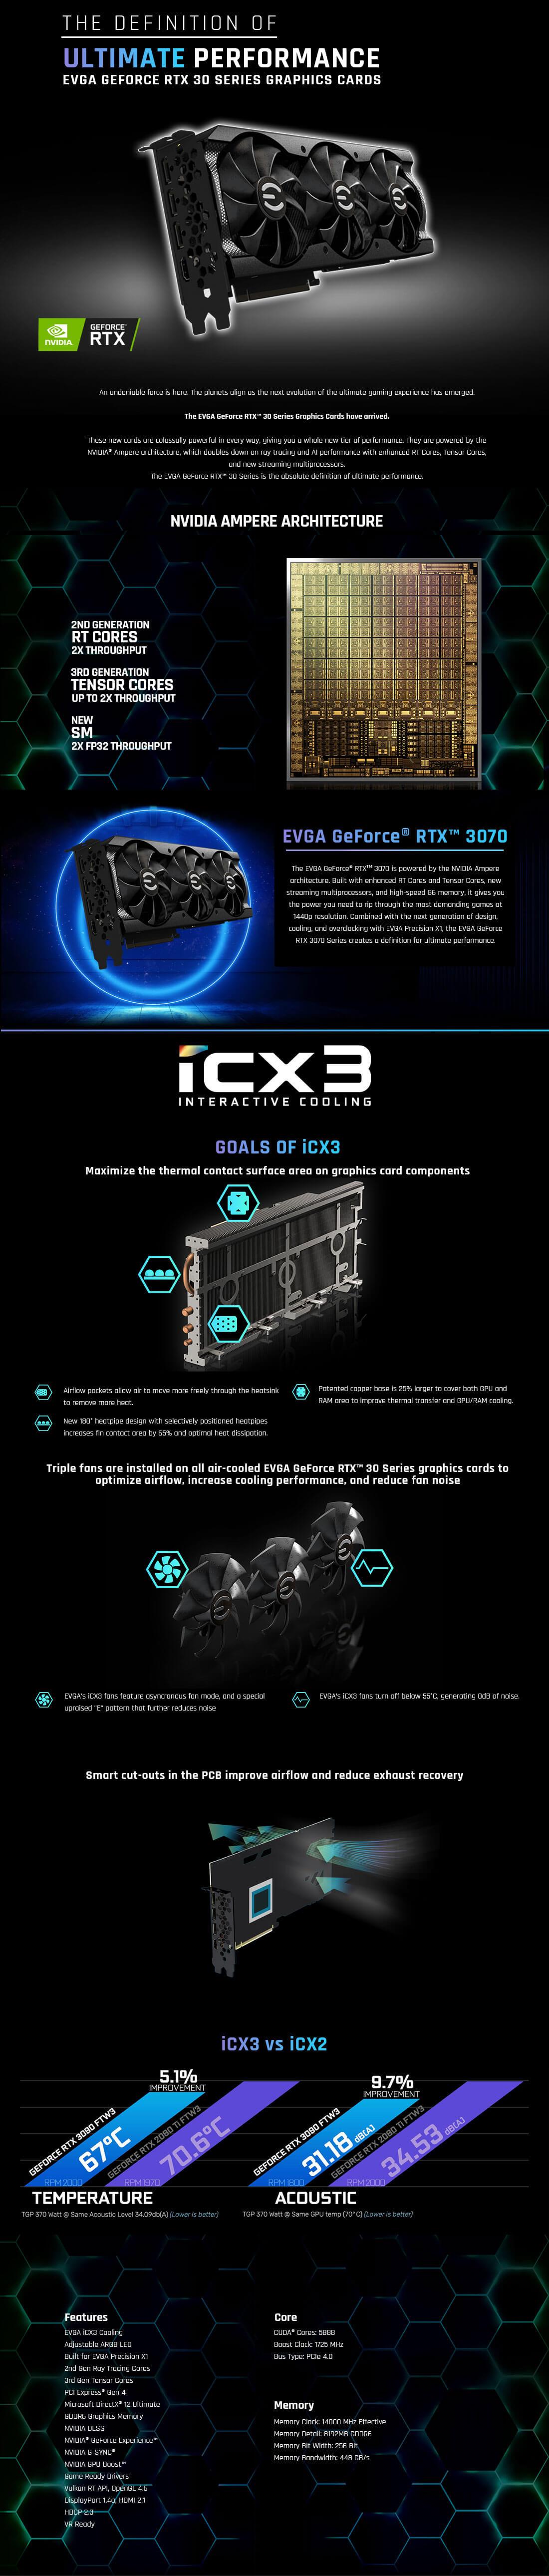 EVGA GeForce RTX™ 3070 XC3 BLACK GAMING - 8GB GDDR6